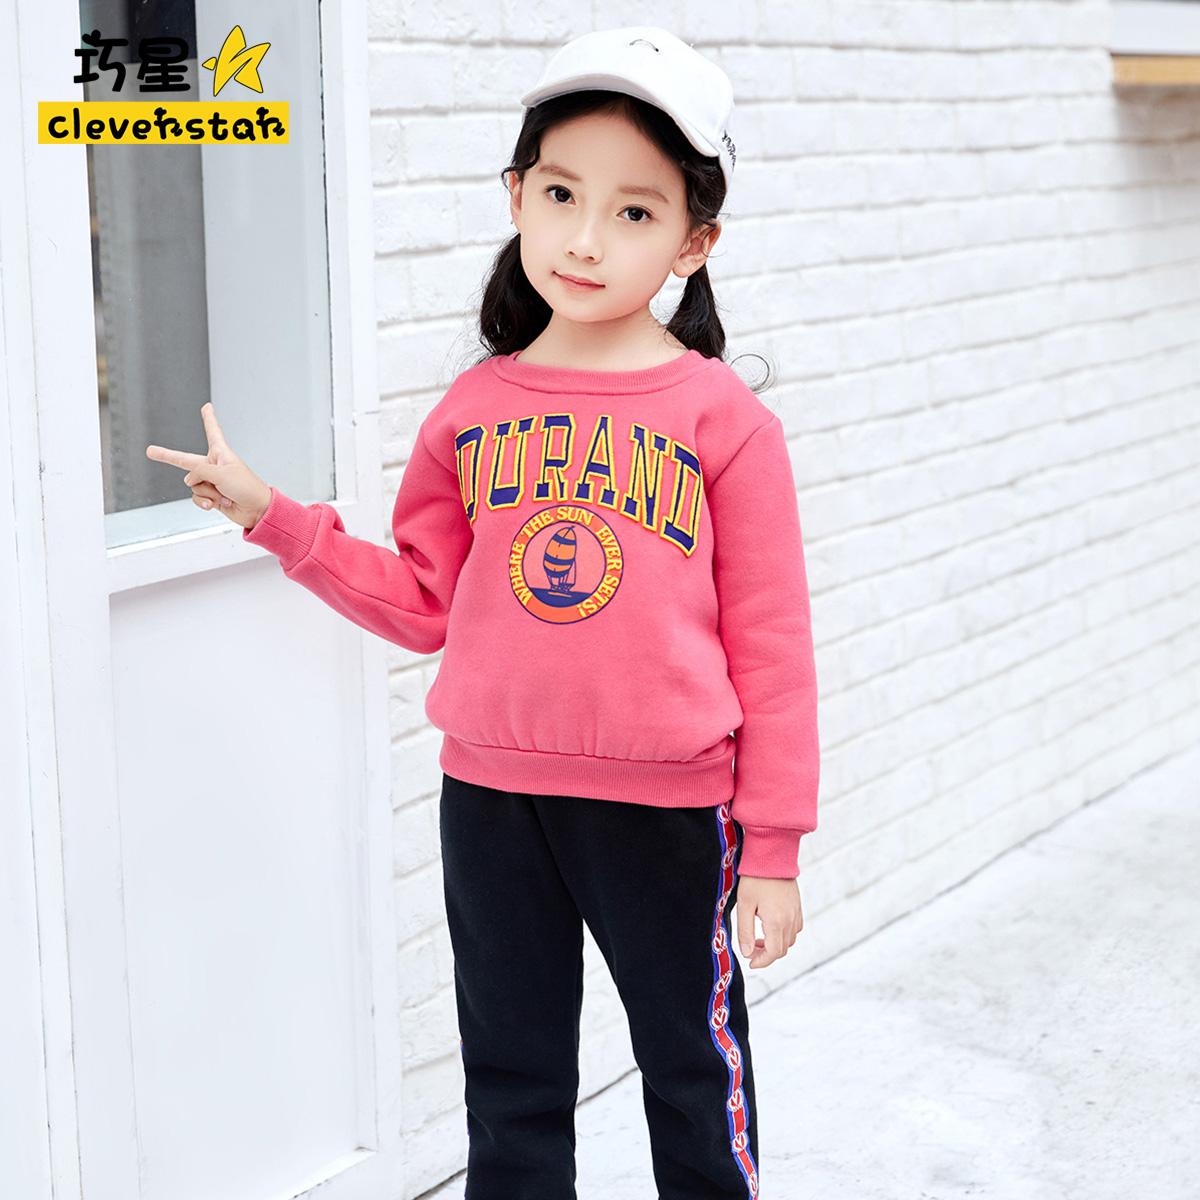 女童加厚卫衣套装女童洋气套装秋冬2019新款女童运动套装加绒加厚